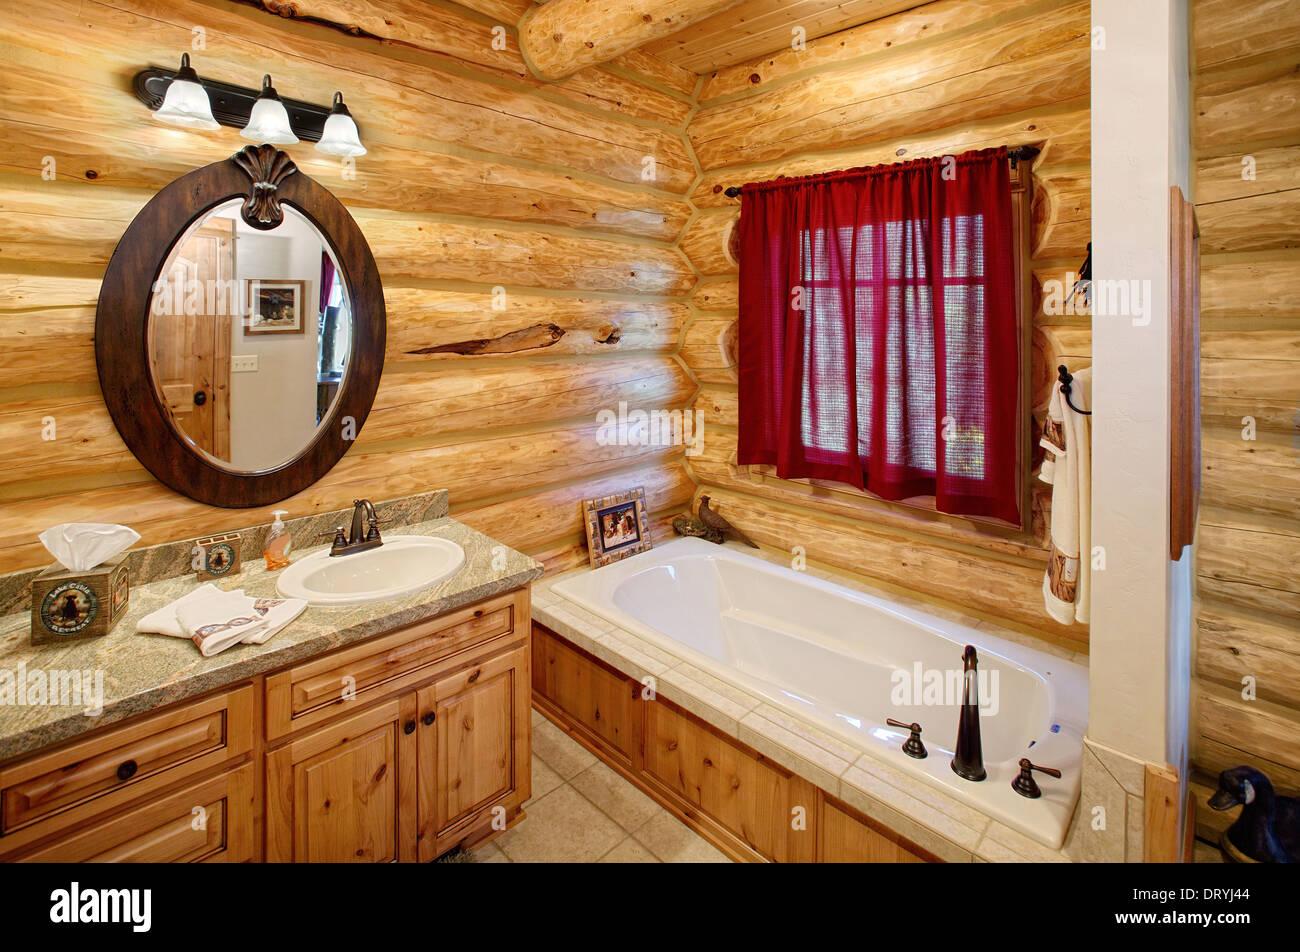 Das Badezimmer Interieur in einem modernen Blockhaus. Freuen Sie